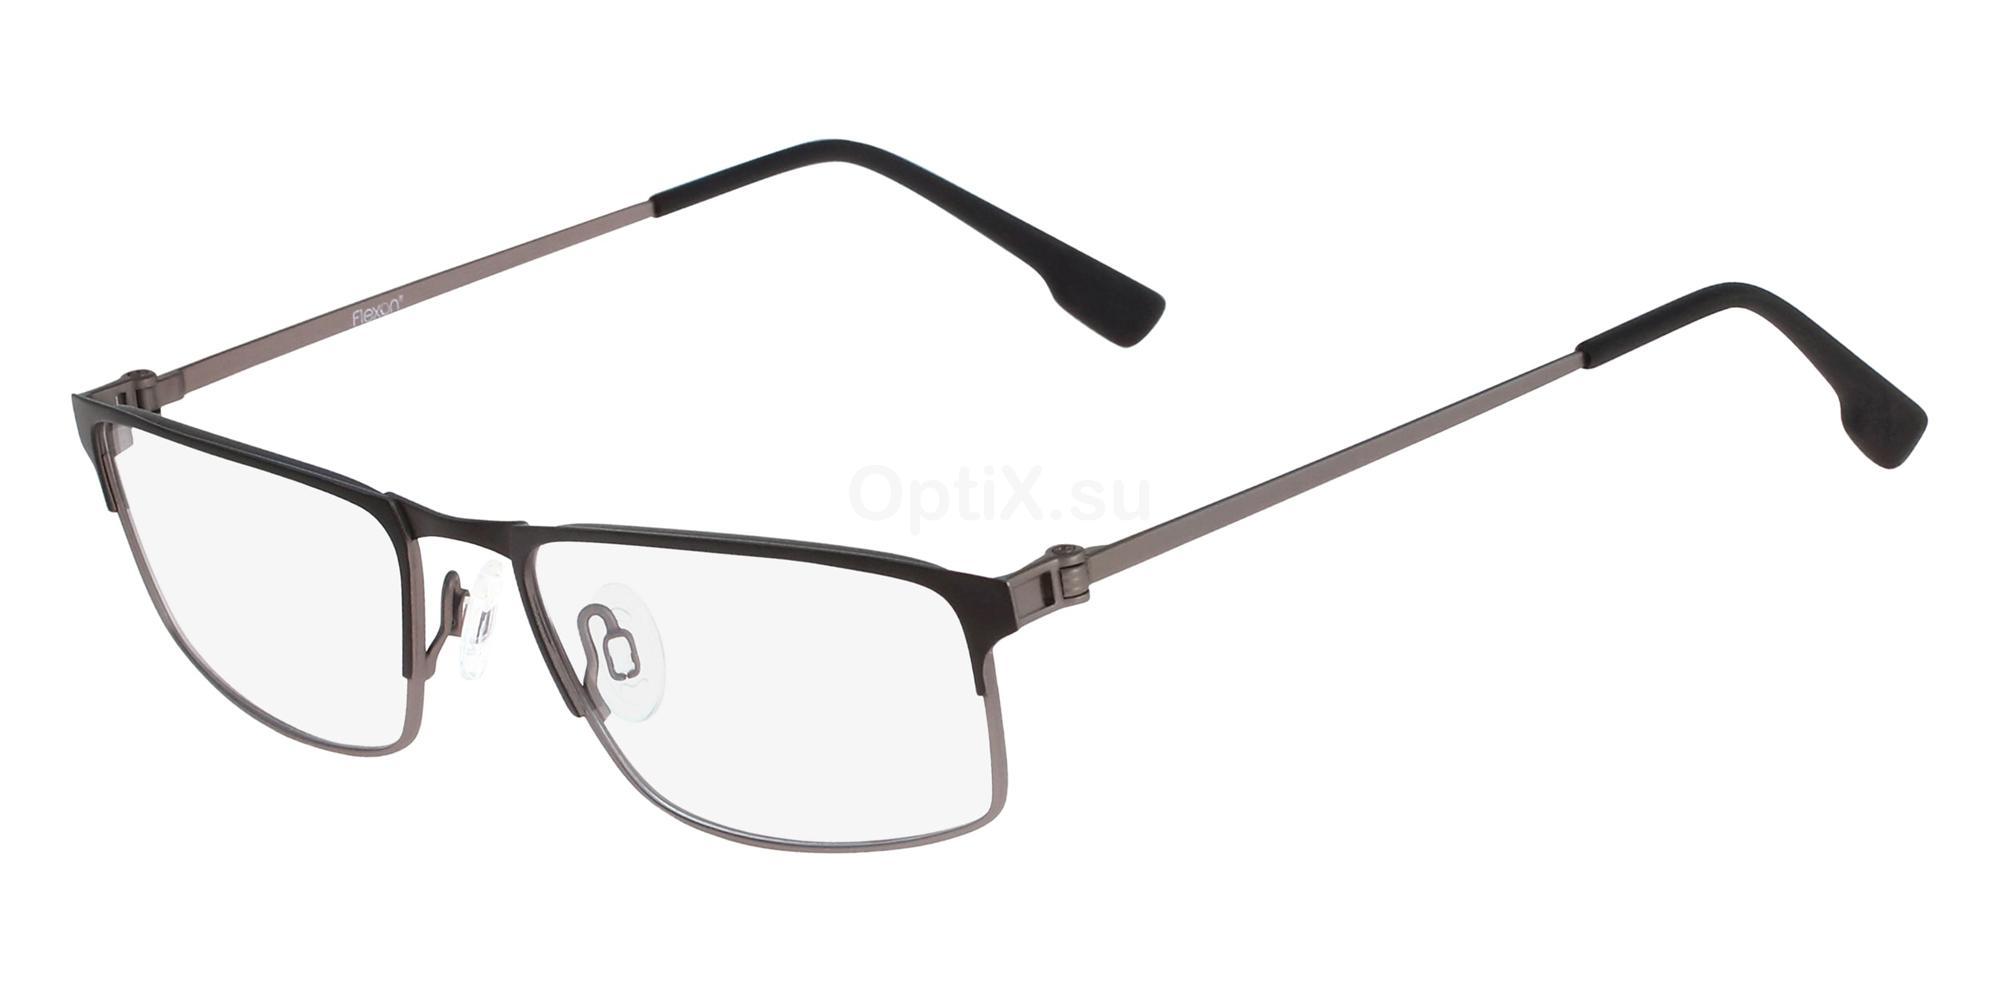 001 FLEXON E1075 Glasses, Flexon